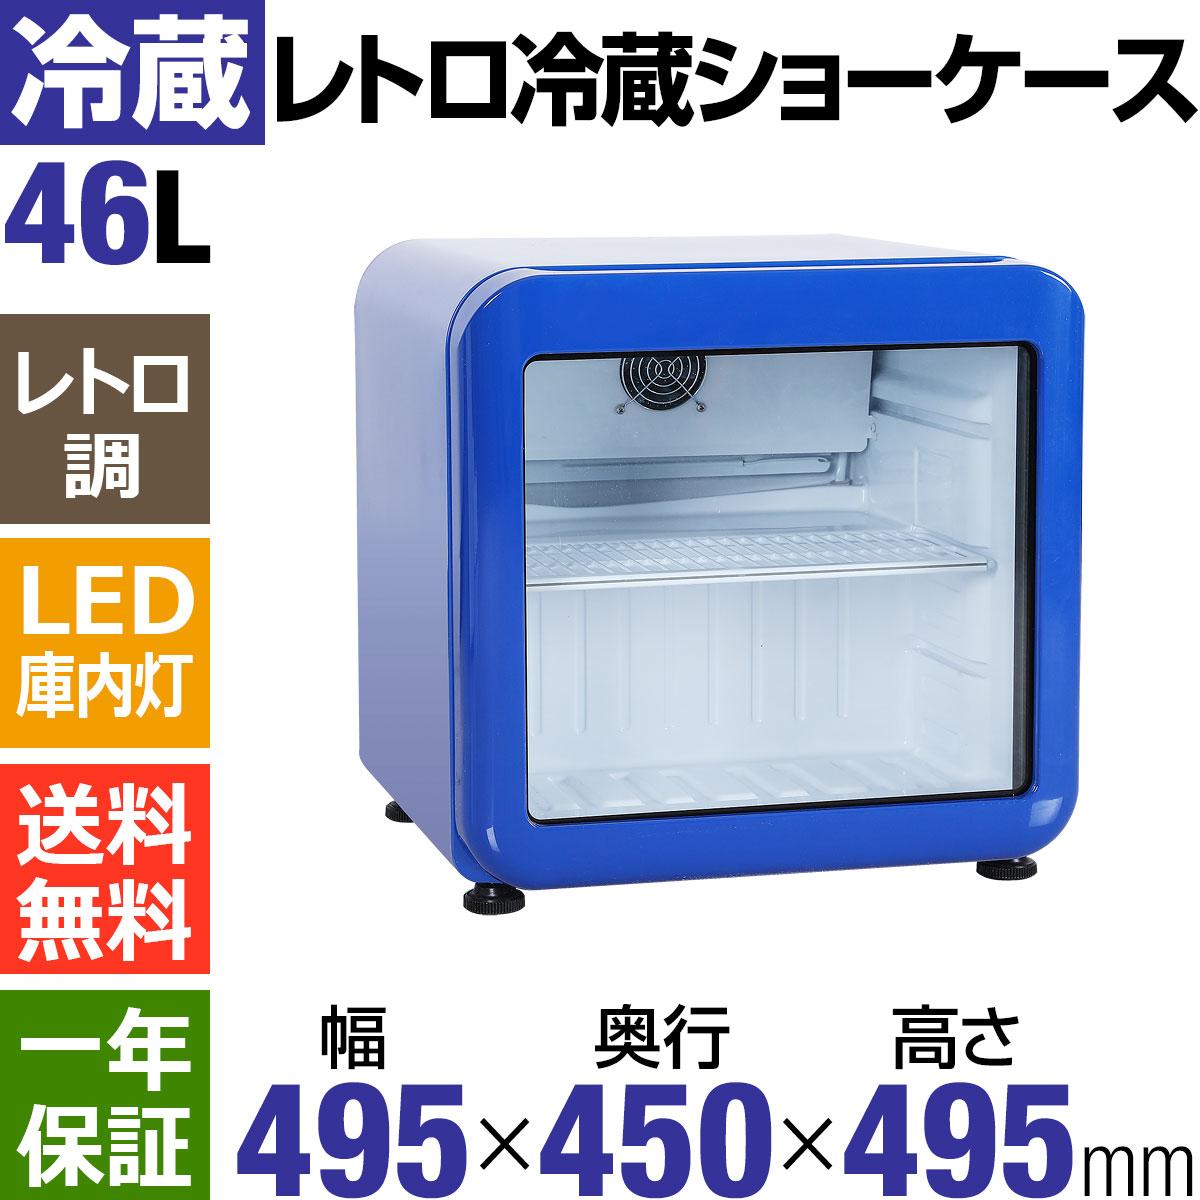 レトロ冷蔵ショーケース46L ガラス扉 ブルー【HJR-RK50BL】 LED庫内灯付き 送料無料 小型冷蔵ショーケース